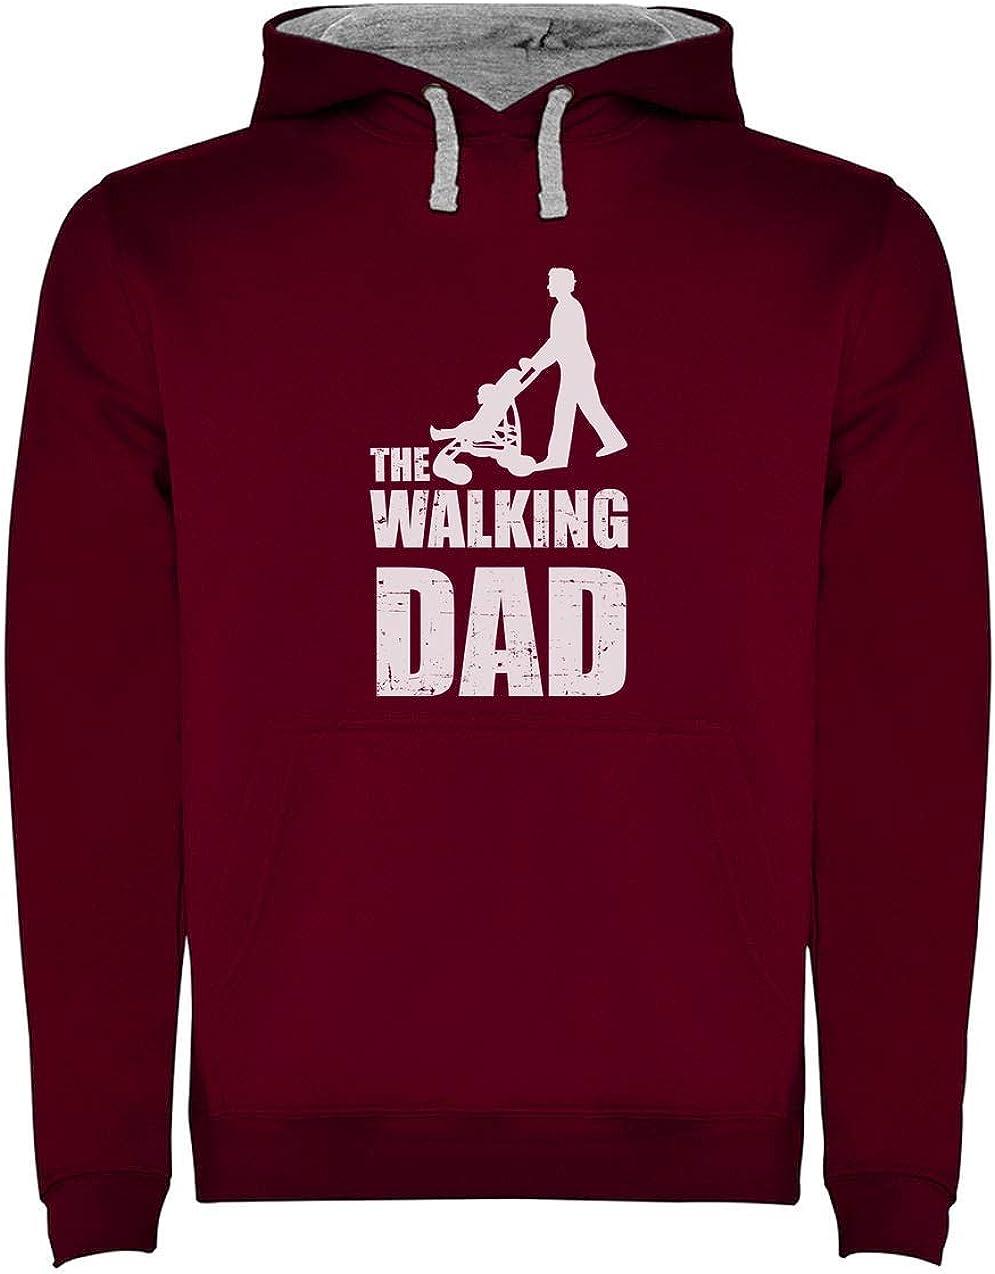 Green Turtle T-Shirts Sudadera con Capucha para Hombre- Regalos Originales para Padres Primerizos - The Walking Dad